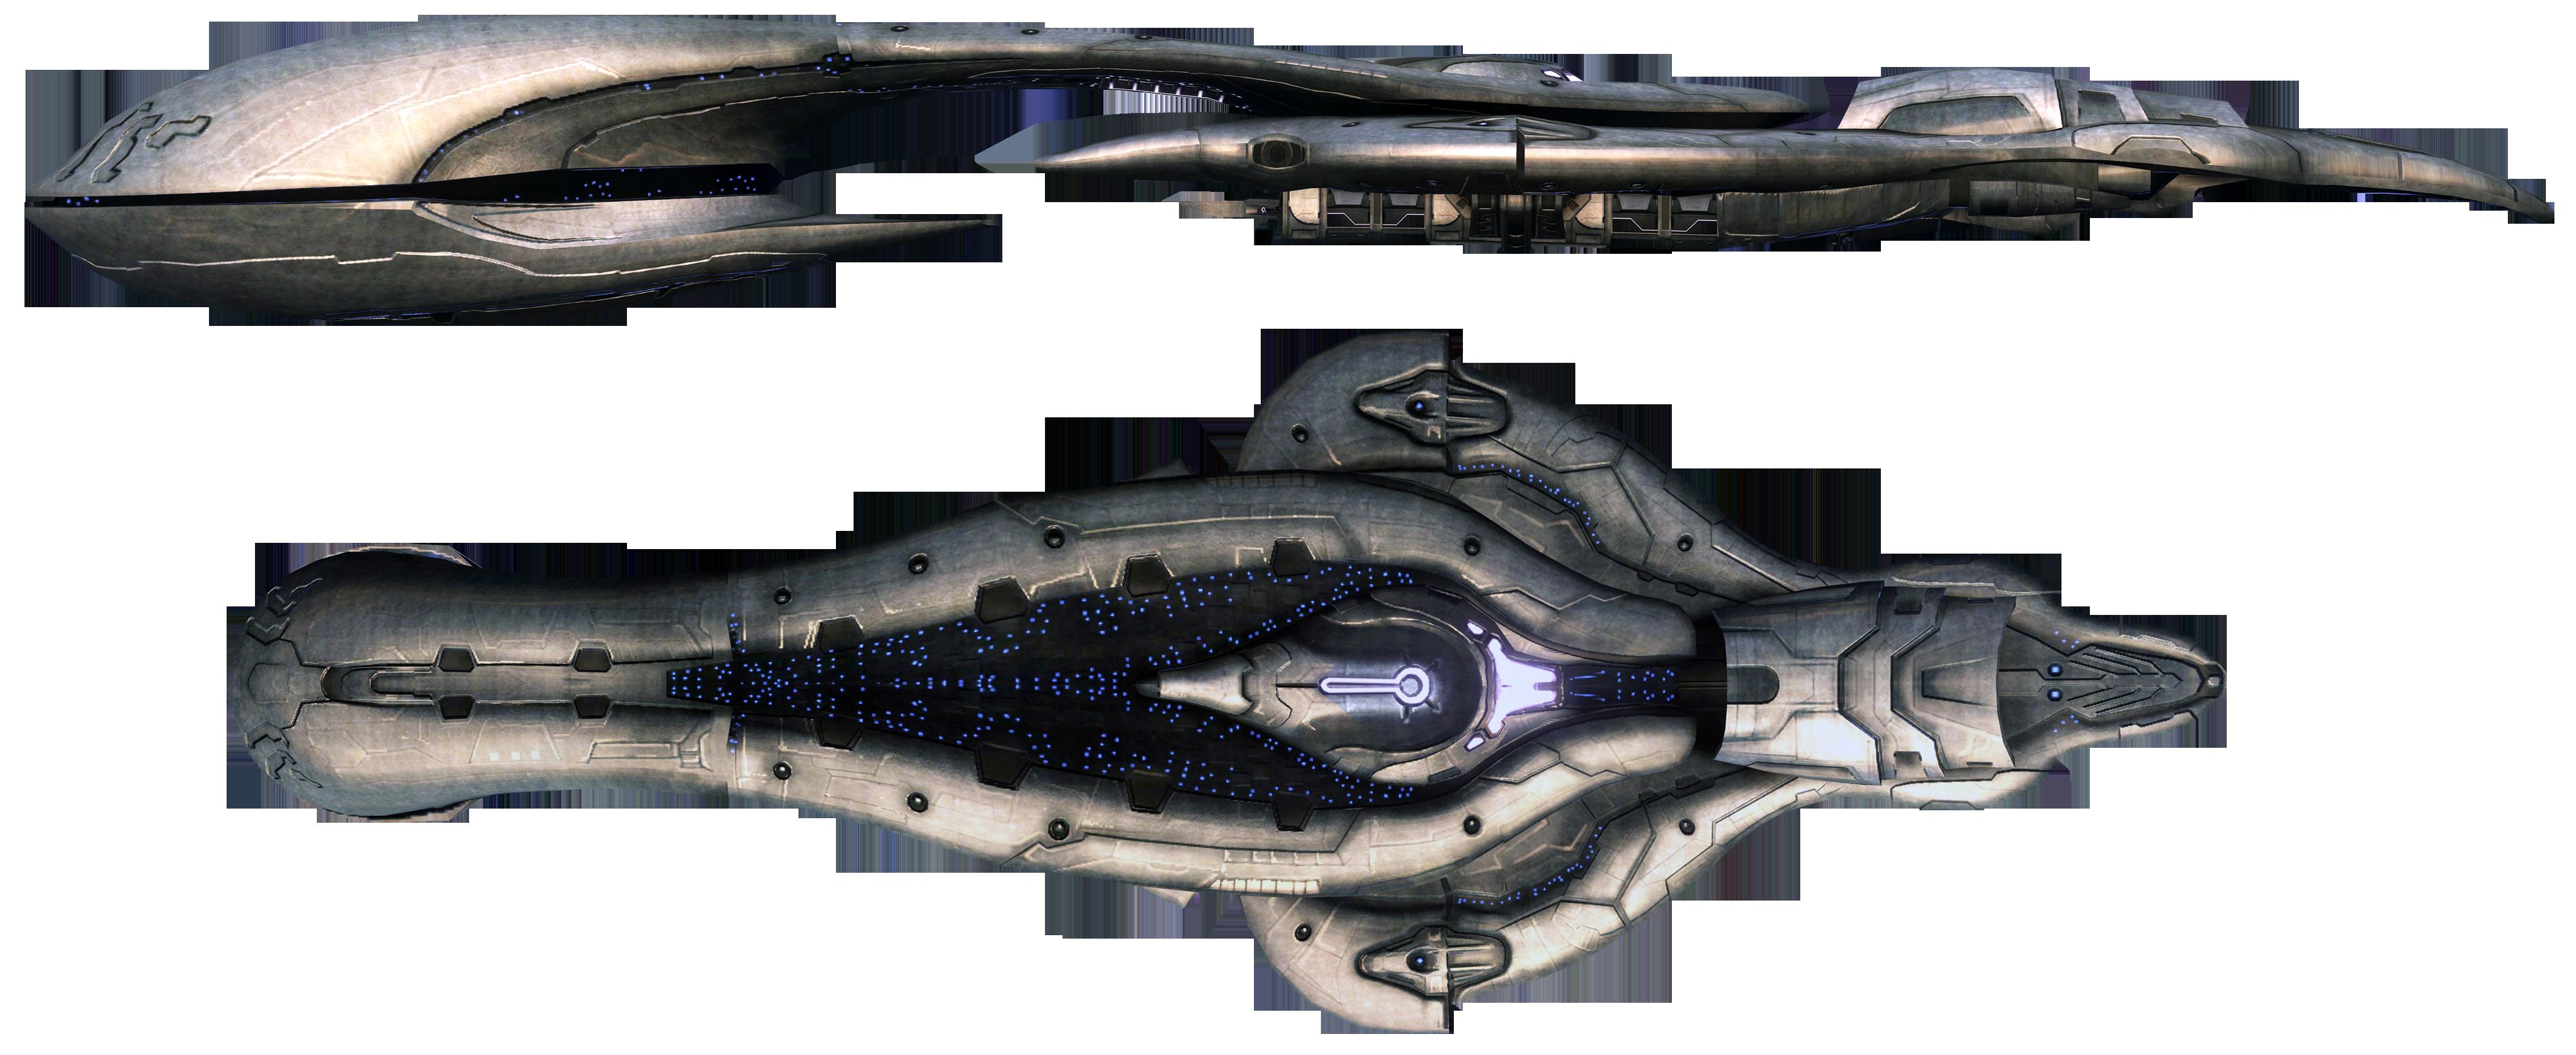 Venerator-class Assault Carrier